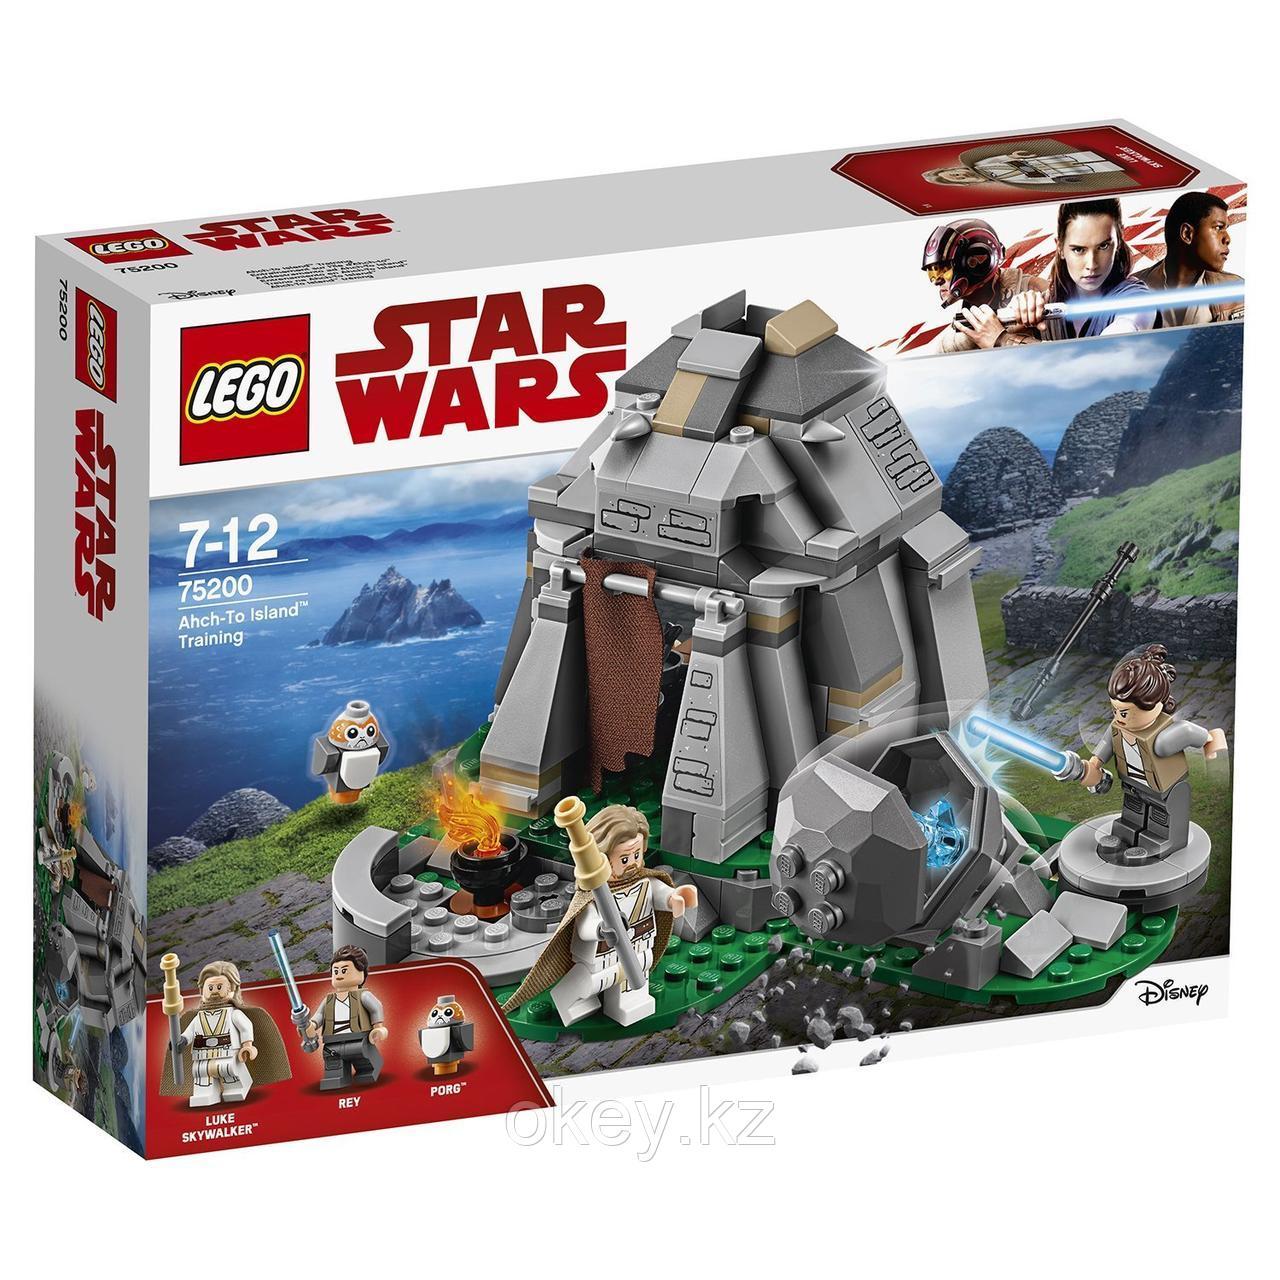 LEGO Star Wars: Тренировки на островах Эч-То 75200